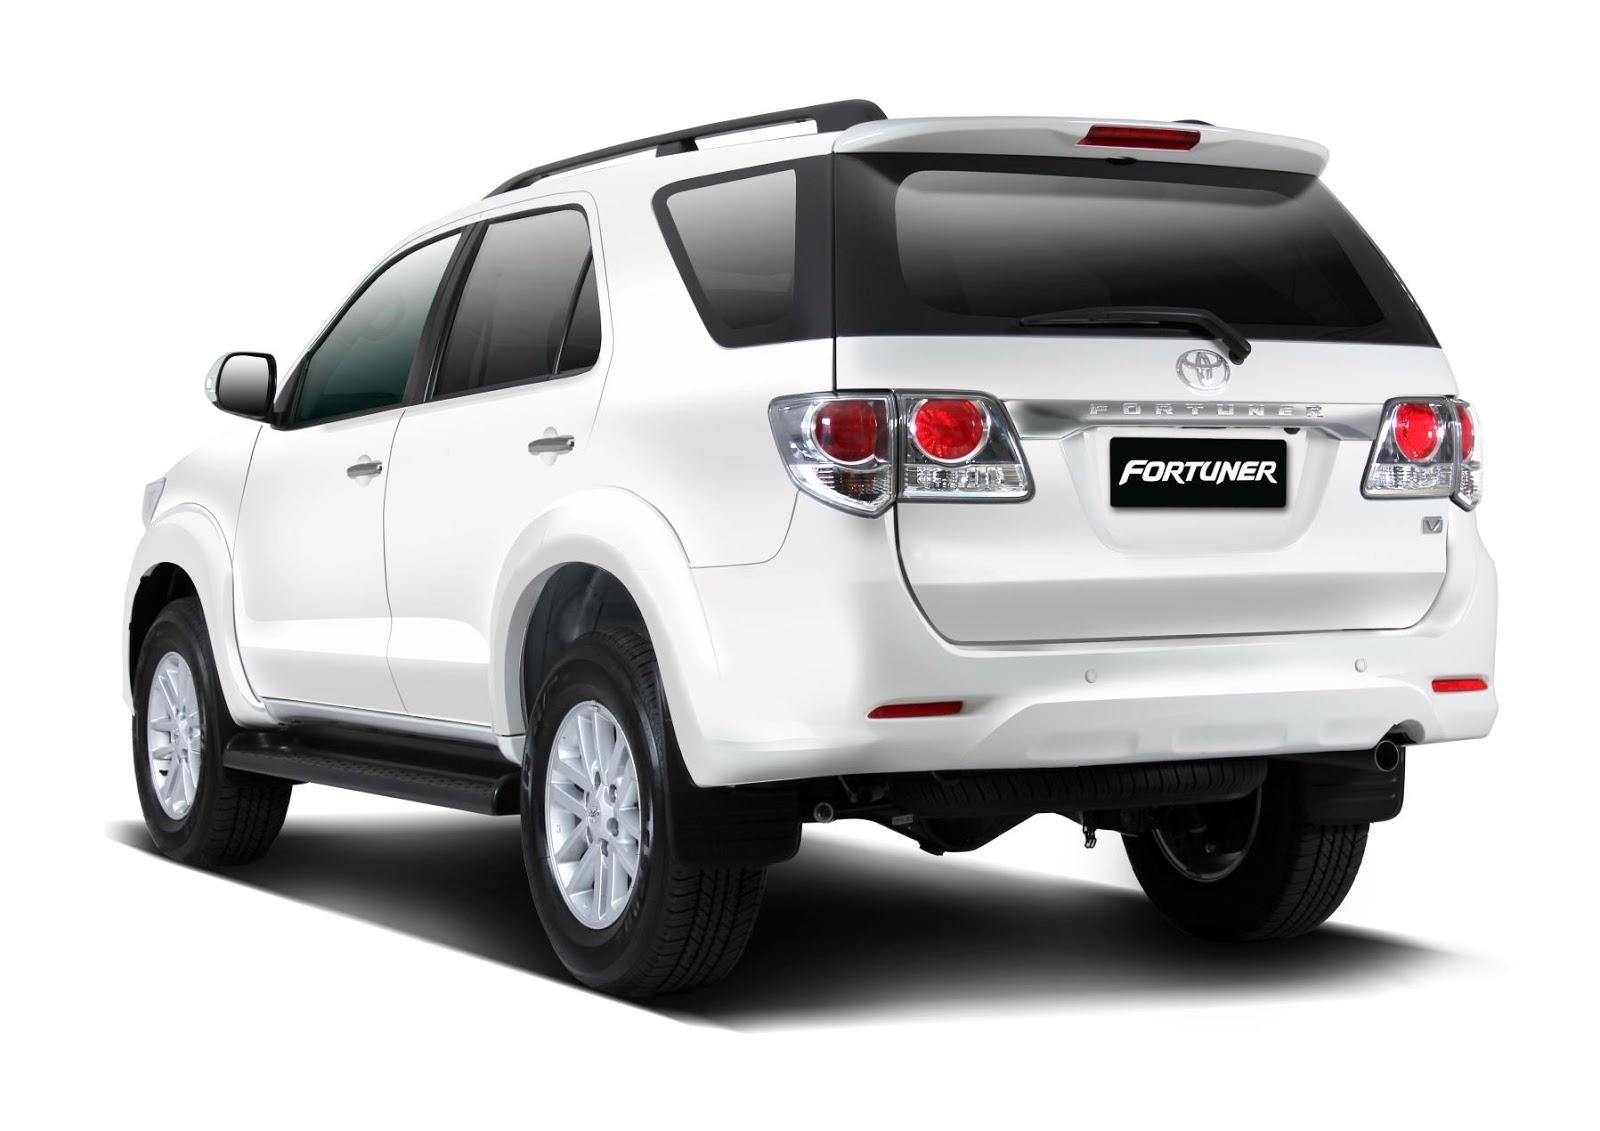 Perbedaan All New Kijang Innova Tipe G Dan V Fitur Tersembunyi Grand Avanza Fortuner 2011 Dikta Toyota Informasi Produk